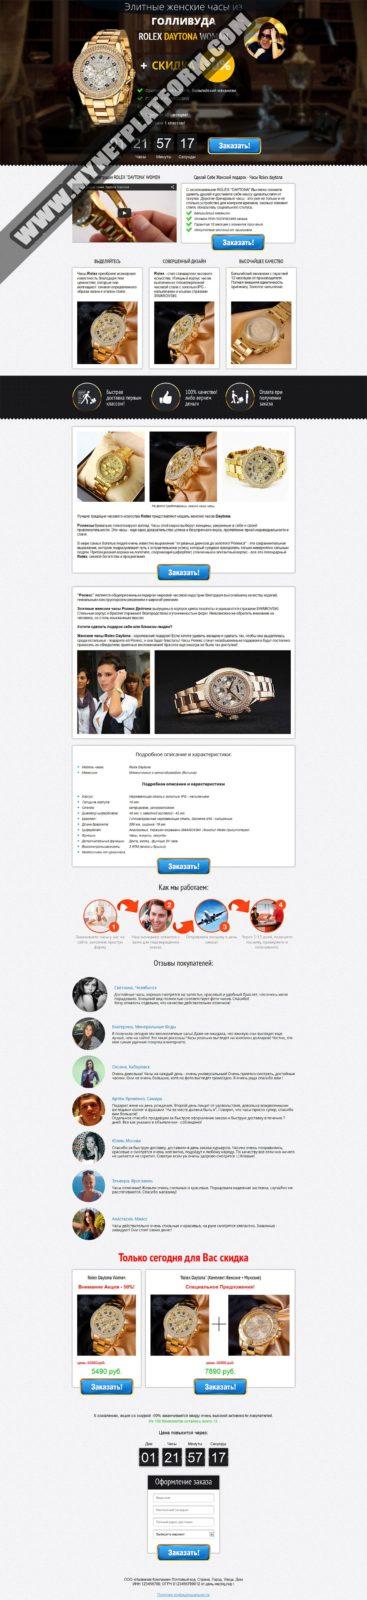 Скриншот готового лендинга для товара Женские часы Rolex Daytona 01